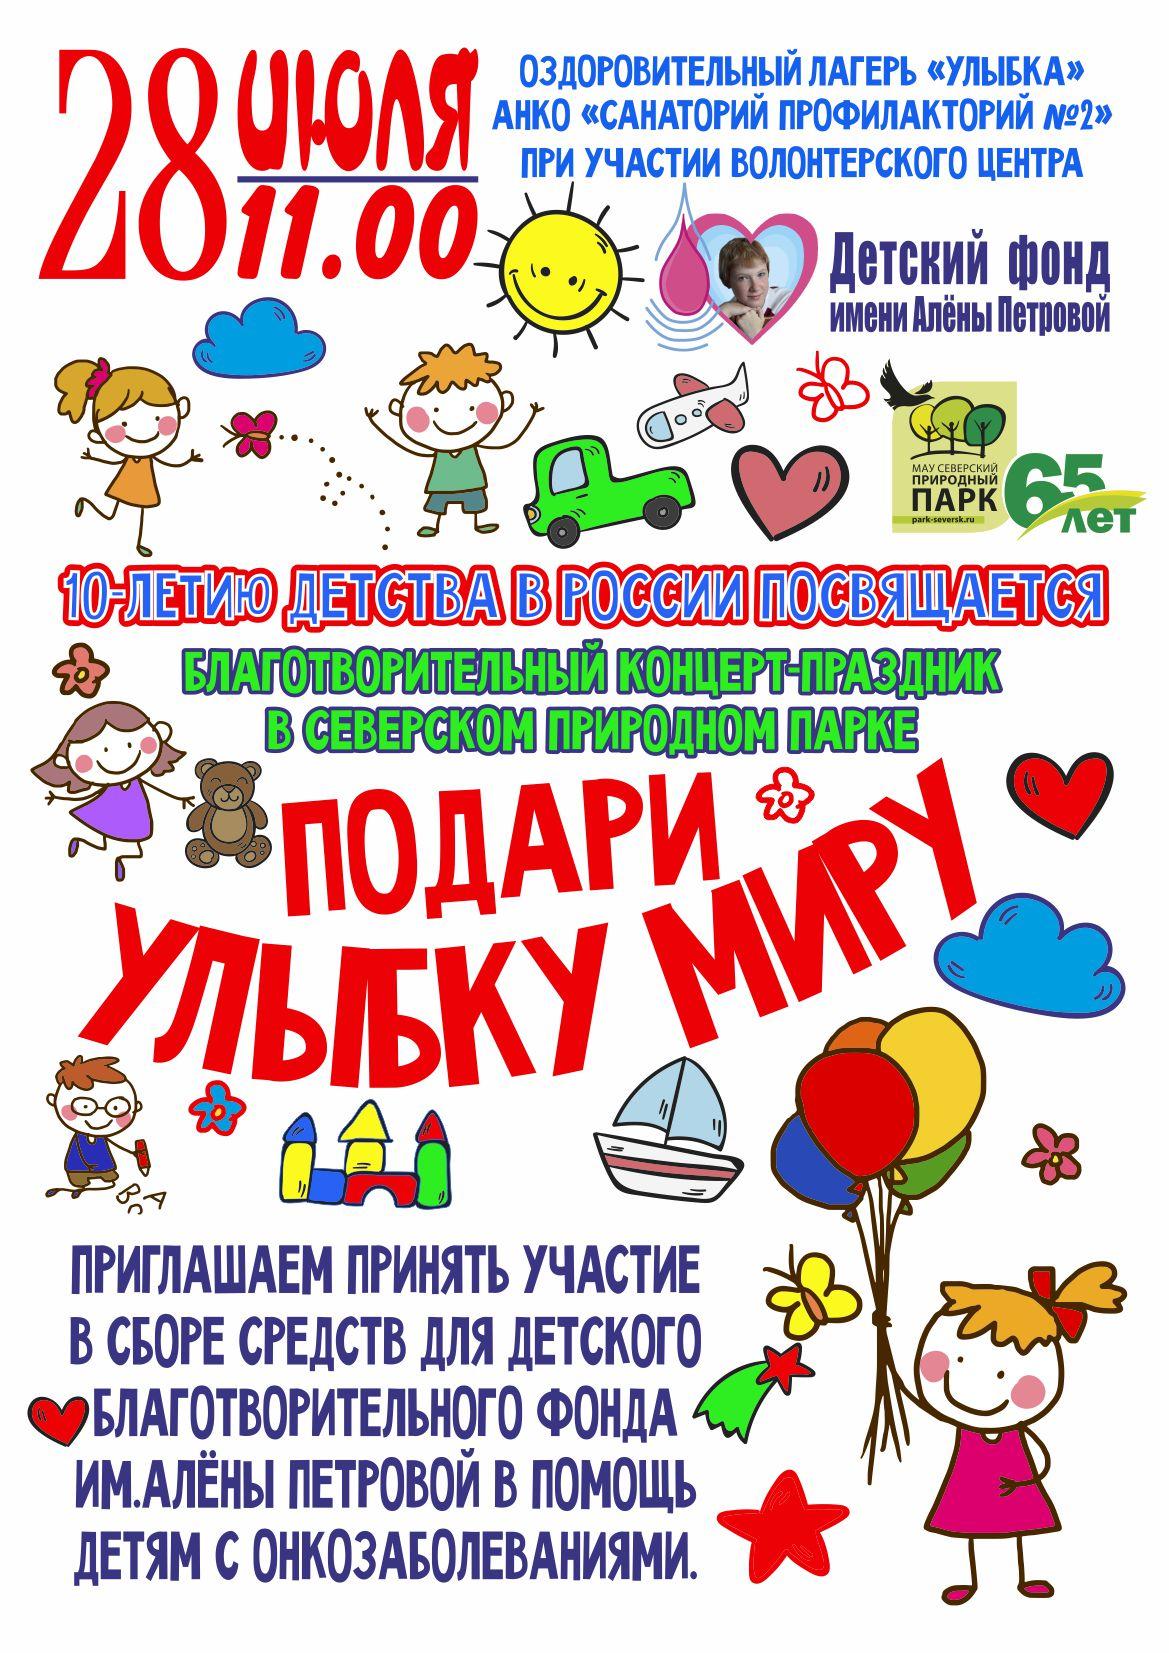 Праздник «Усатые-полосатые», посвященный Международному Дню тигра, благотворительная акция и конкурс «Суперчитатель»